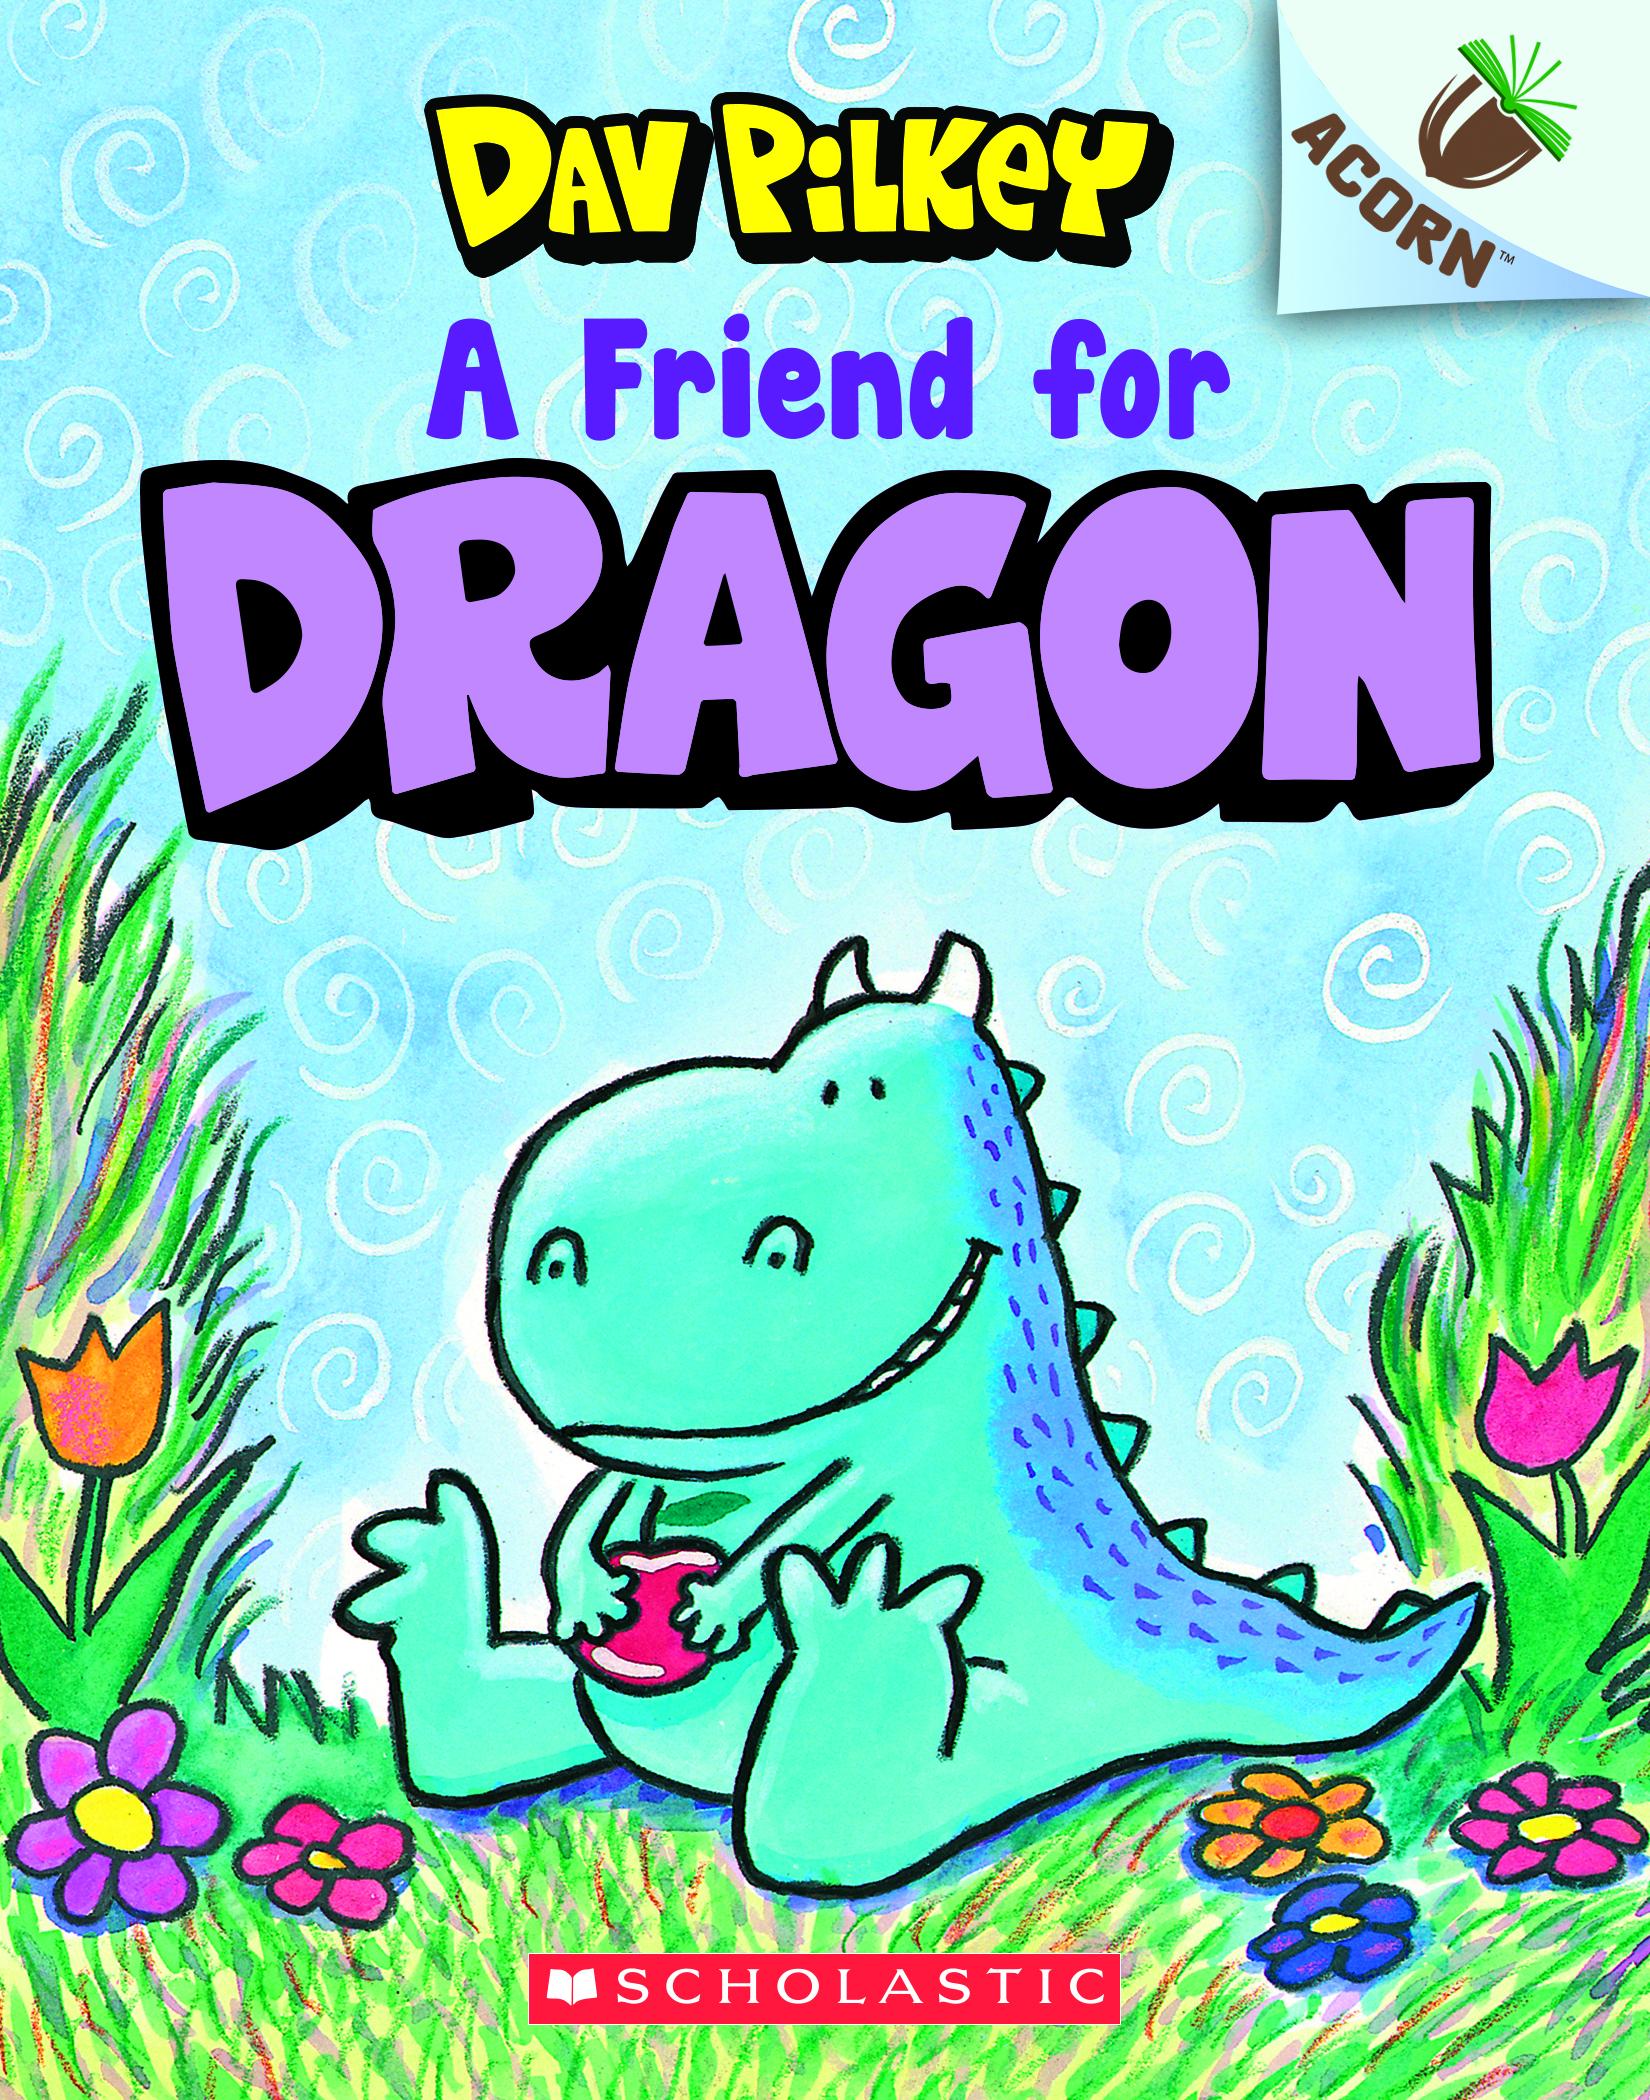 A Friend for Dragon by Dav Pilkey